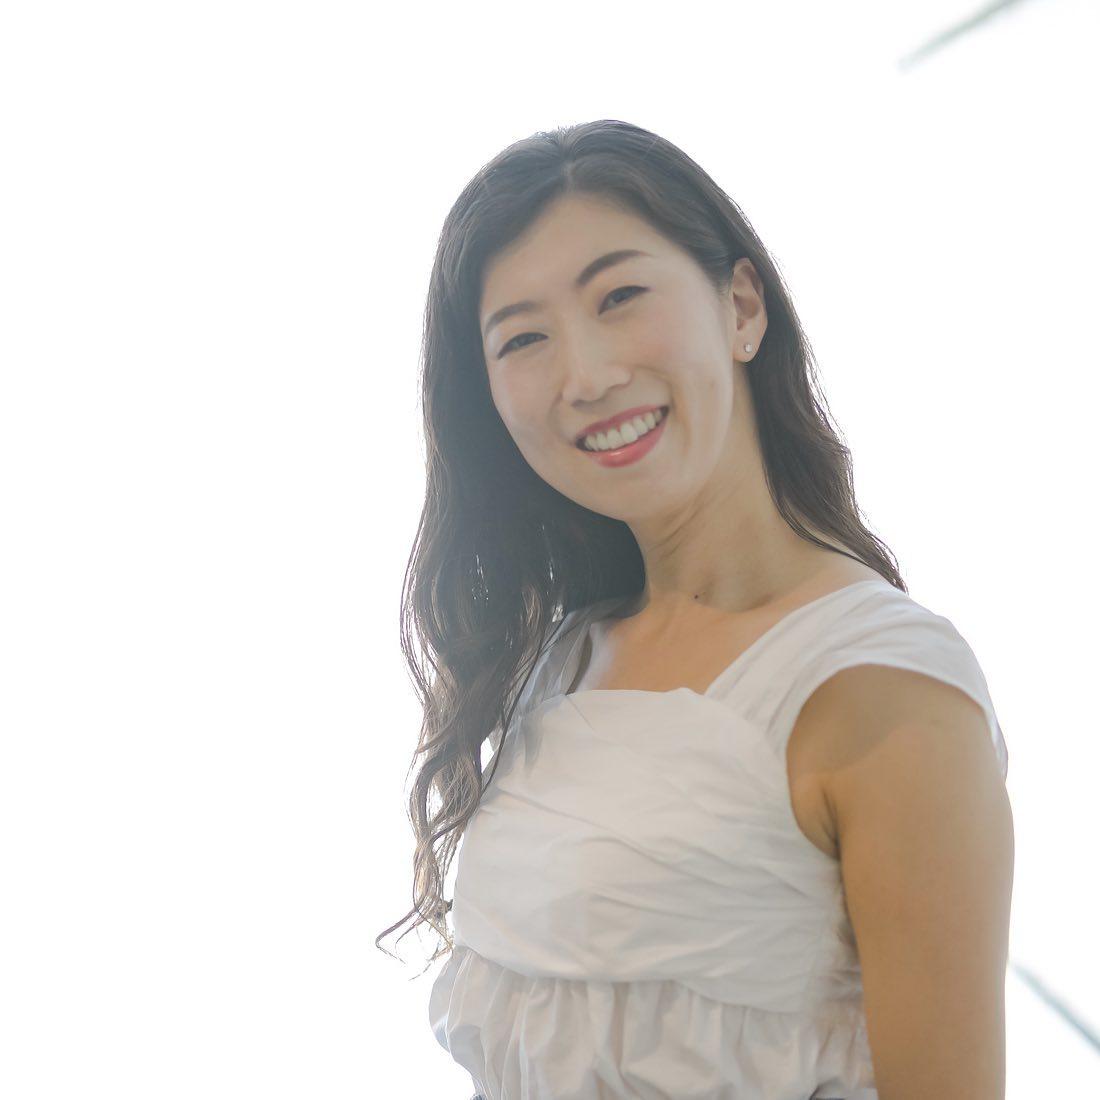 セラピスト 鈴木舞